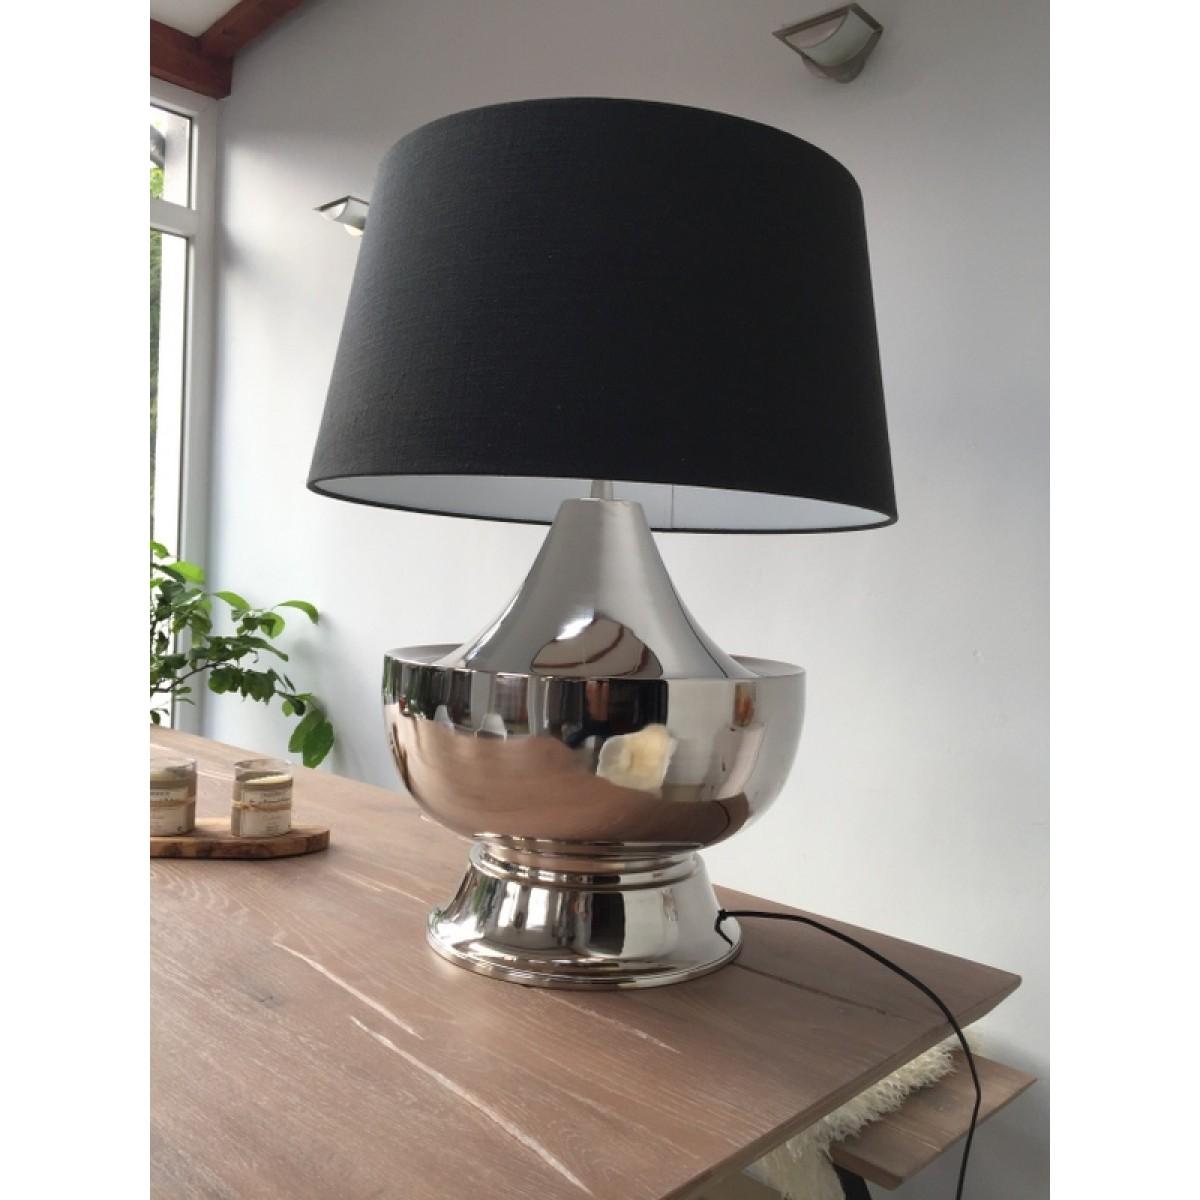 tischlampe silber mit lampenschirm anthrazit tischleuchte verchromt h he ca 80 cm. Black Bedroom Furniture Sets. Home Design Ideas